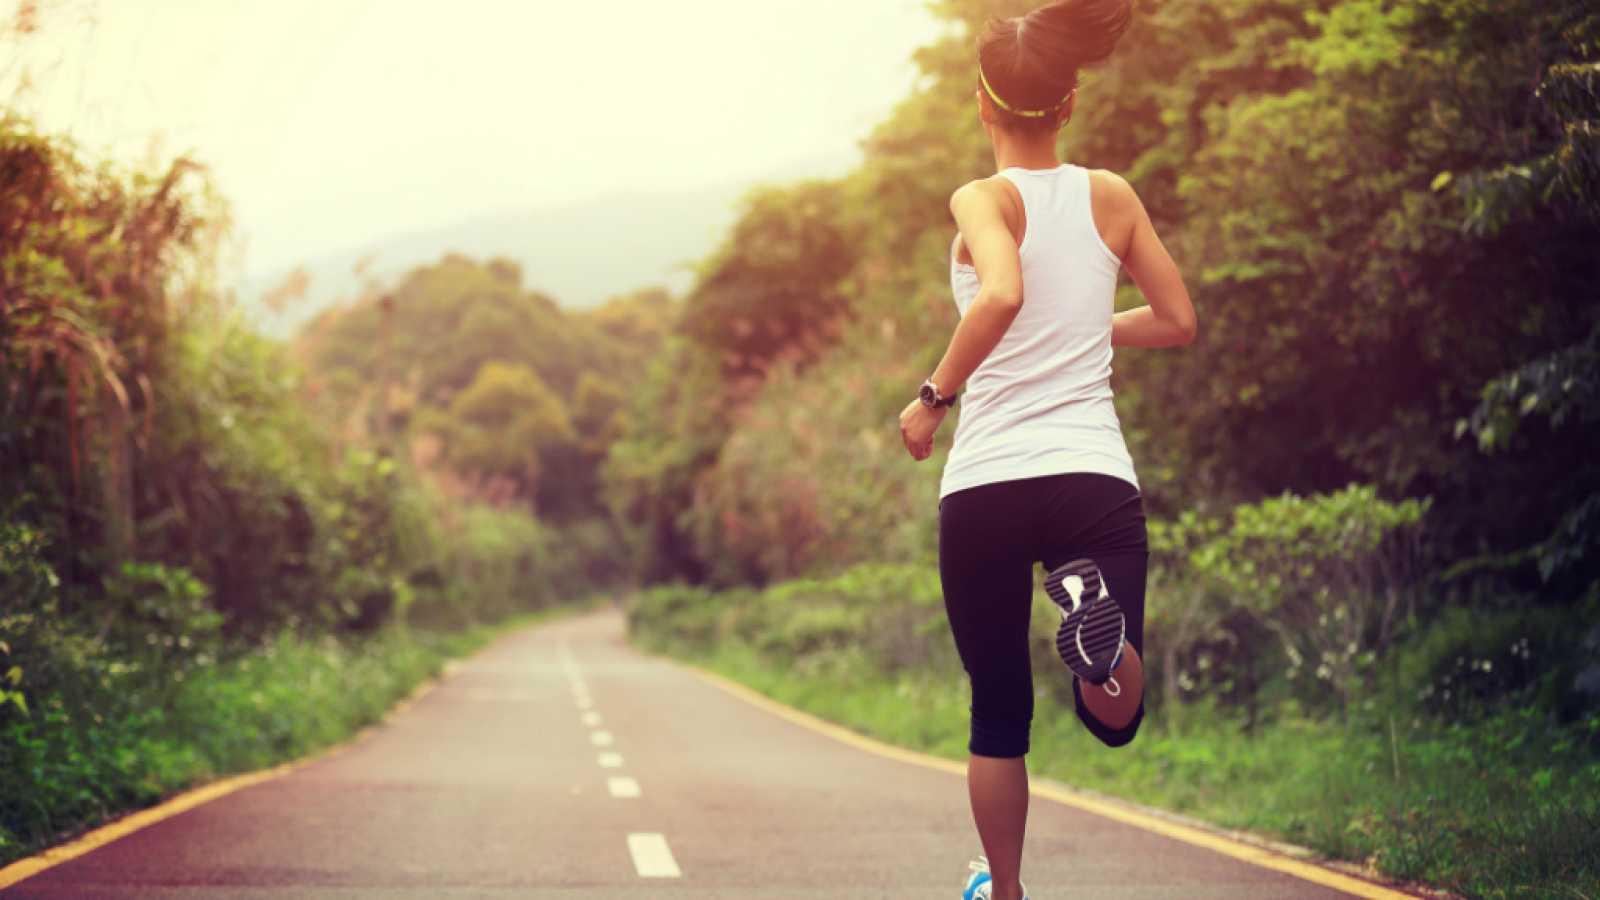 Entre probetas - 'Andalucía mejor con Ciencia', correr no es tan bueno - 13/07/16 - Escuchar ahora